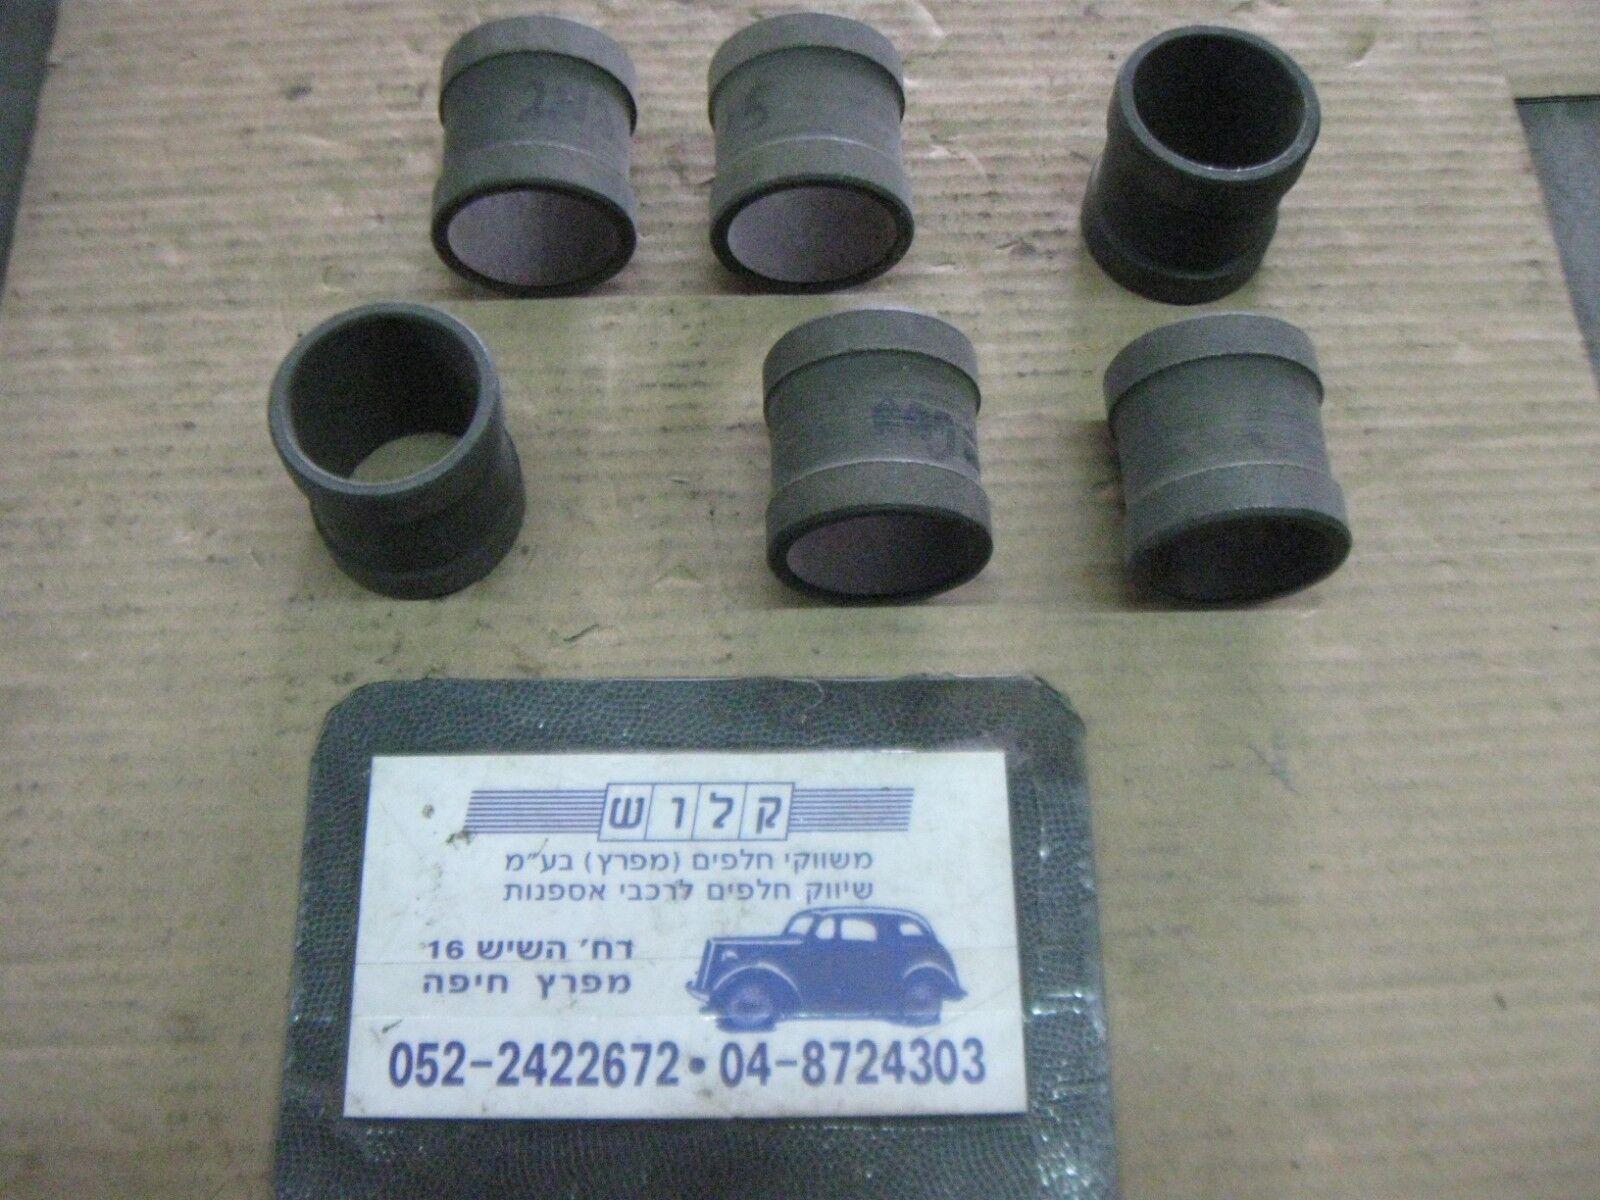 FIAT 600 - 600 D / Distanziale Porta Ruota/ Wheel Bush Size : 26 x 31.80 x 32.50